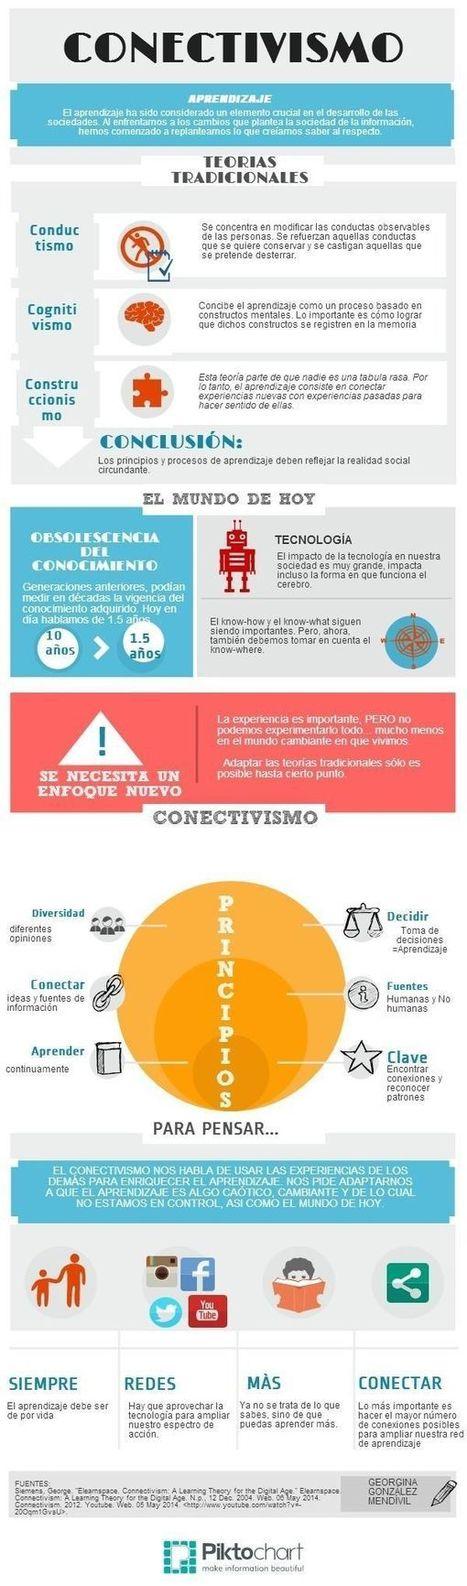 Conectivismo – Un Modelo de Aprendizaje para la Sociedad de la Información | Infografía | Recull diari | Scoop.it